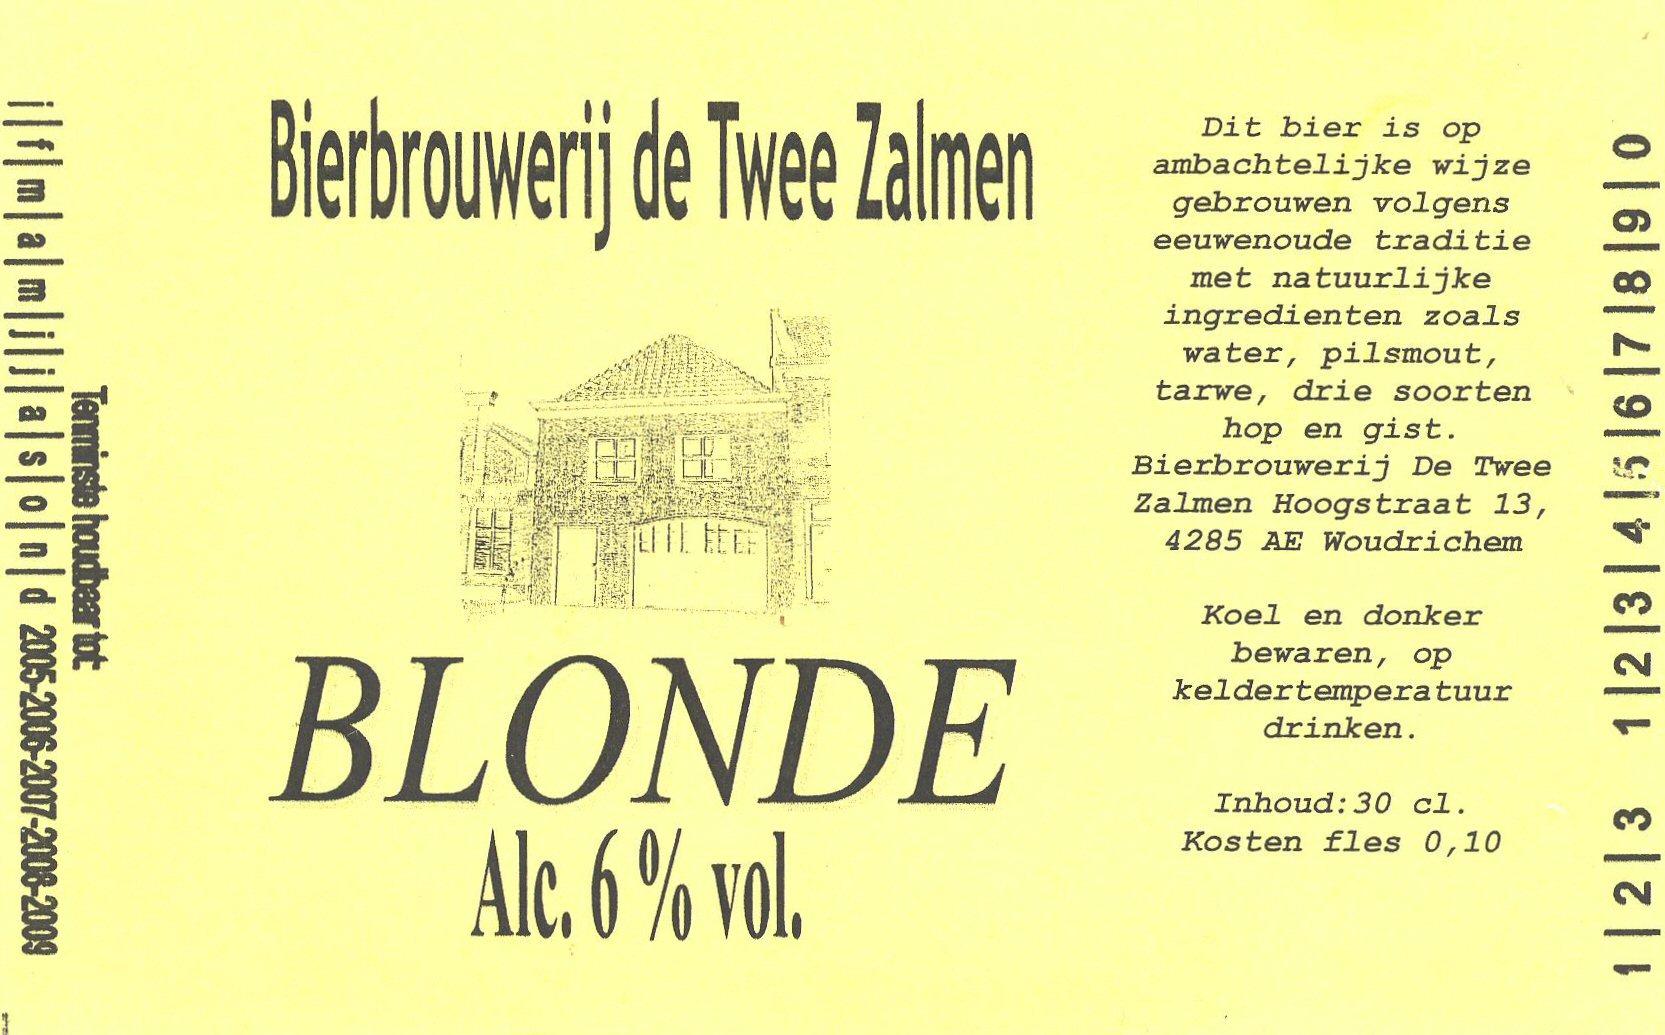 ETIK-007 Bierbrouwerij de Twee Zalmen BLONDE